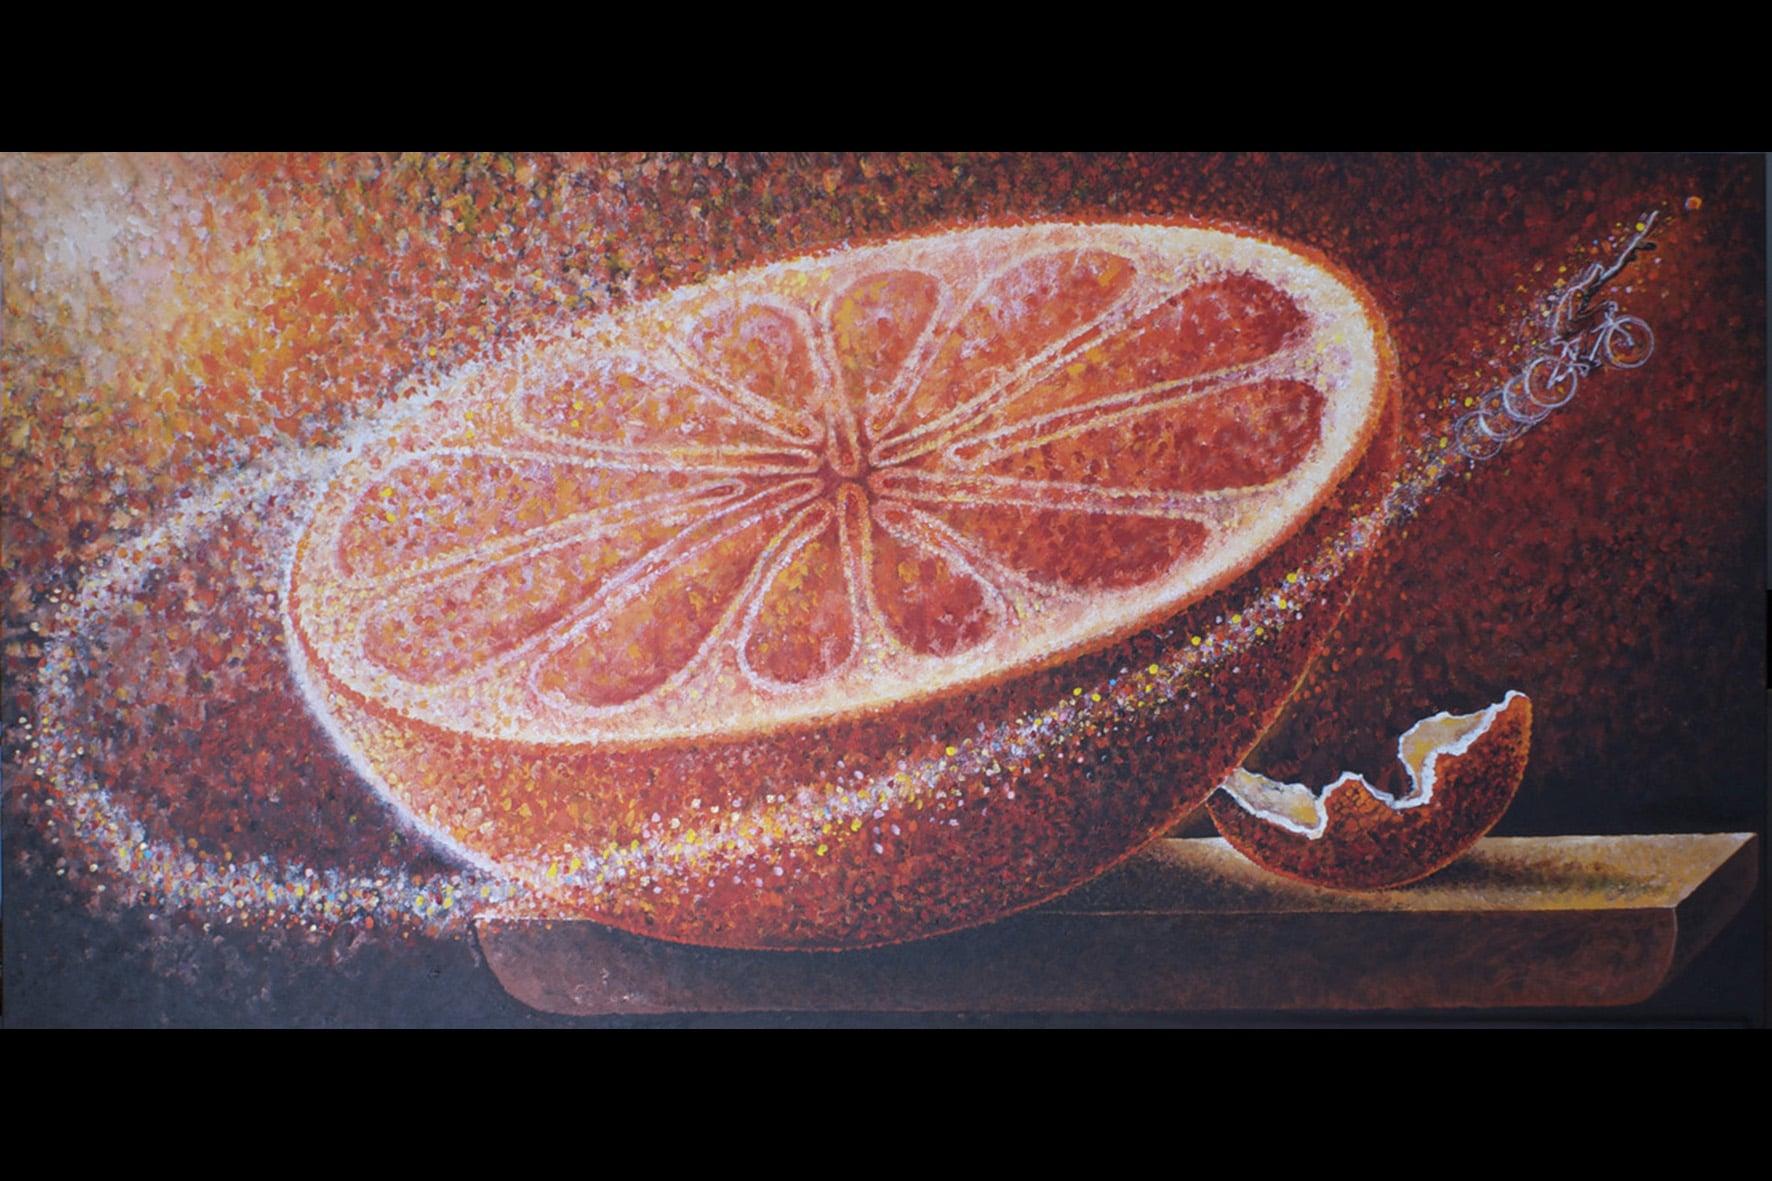 arancia-logogenesi